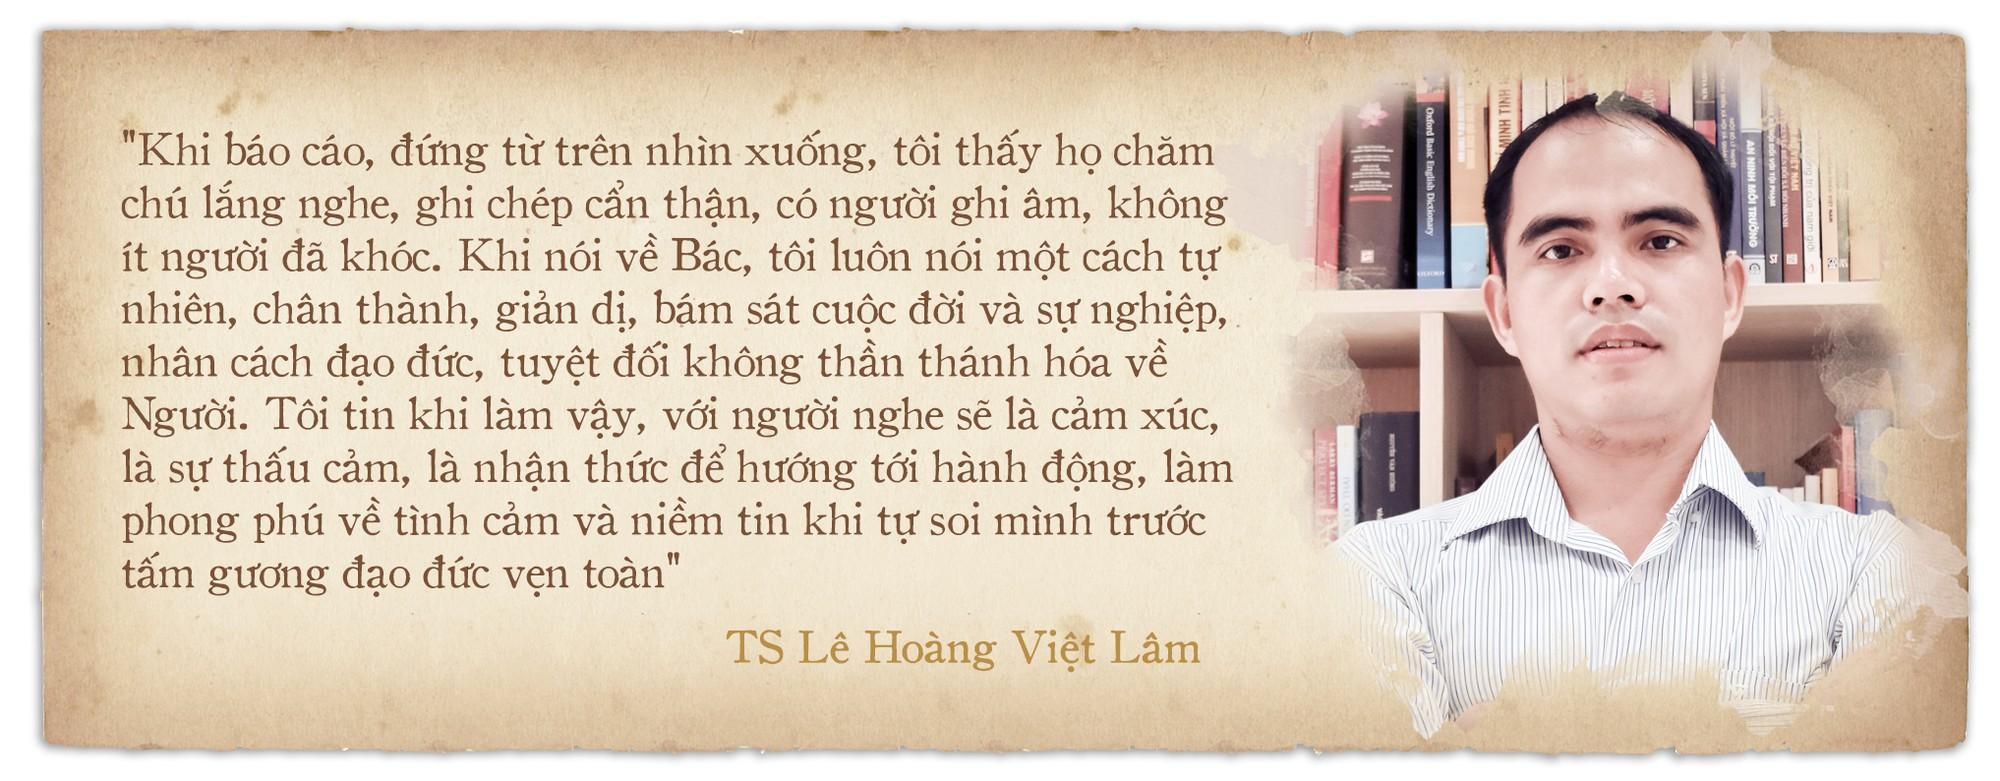 Di chúc của Chủ tịch Hồ Chí Minh: Như ngọn đuốc soi đường cho dân tộc - Ảnh 13.